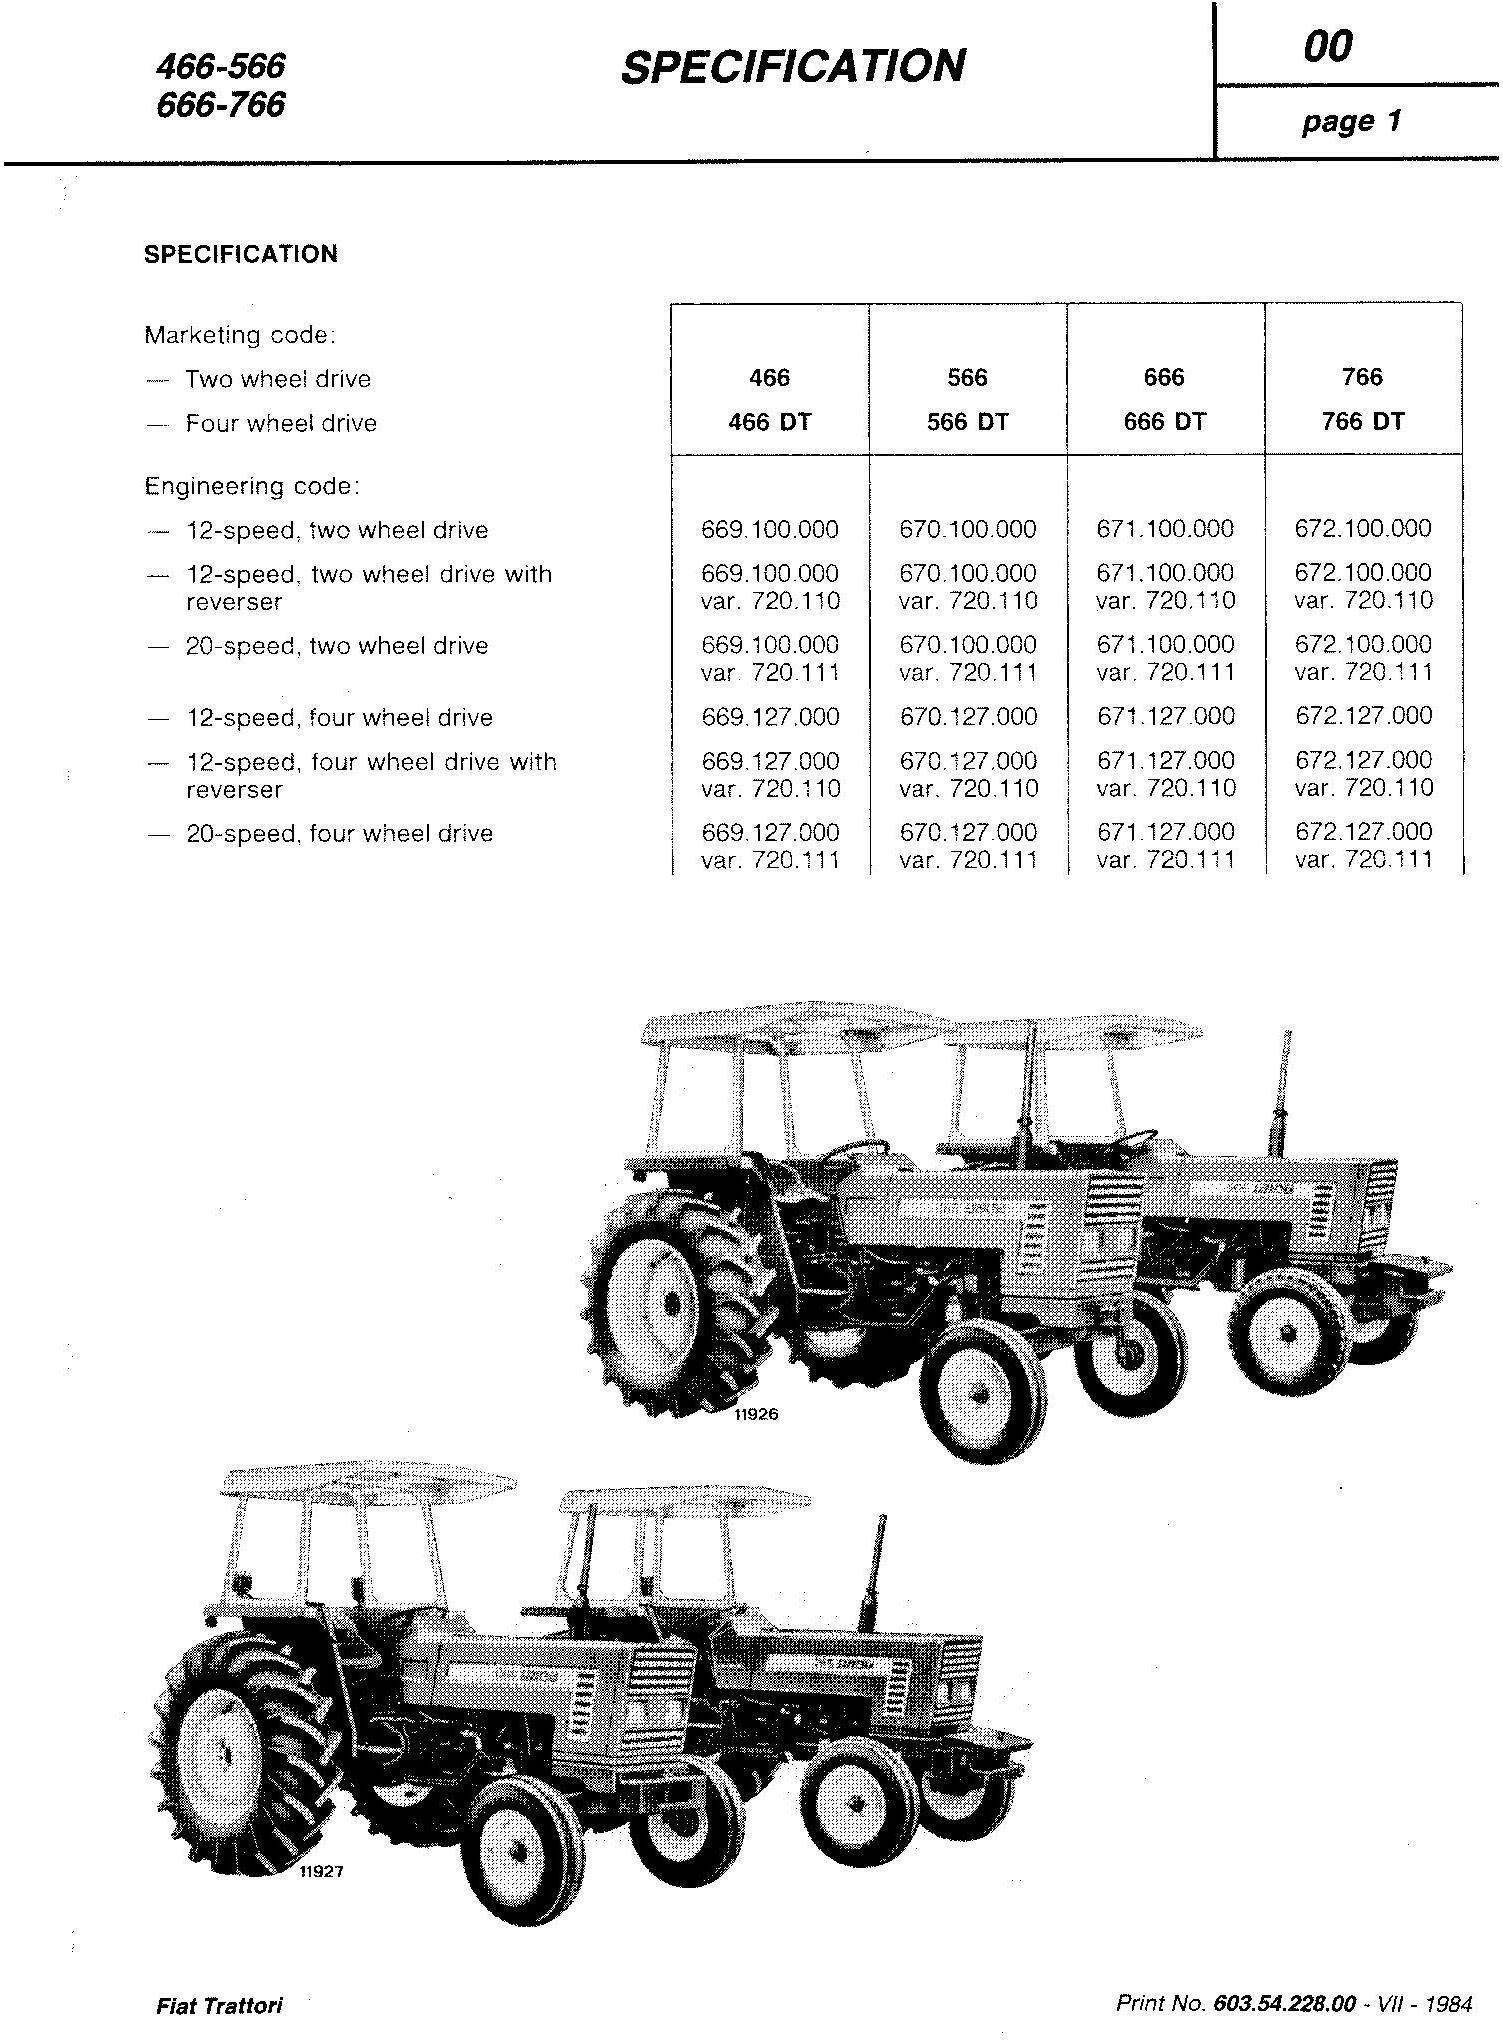 Fiat 466, 466DT, 566, 566DT, 666, 666DT, 766, 766DT Tractor Service Manual (6035422800) - 1